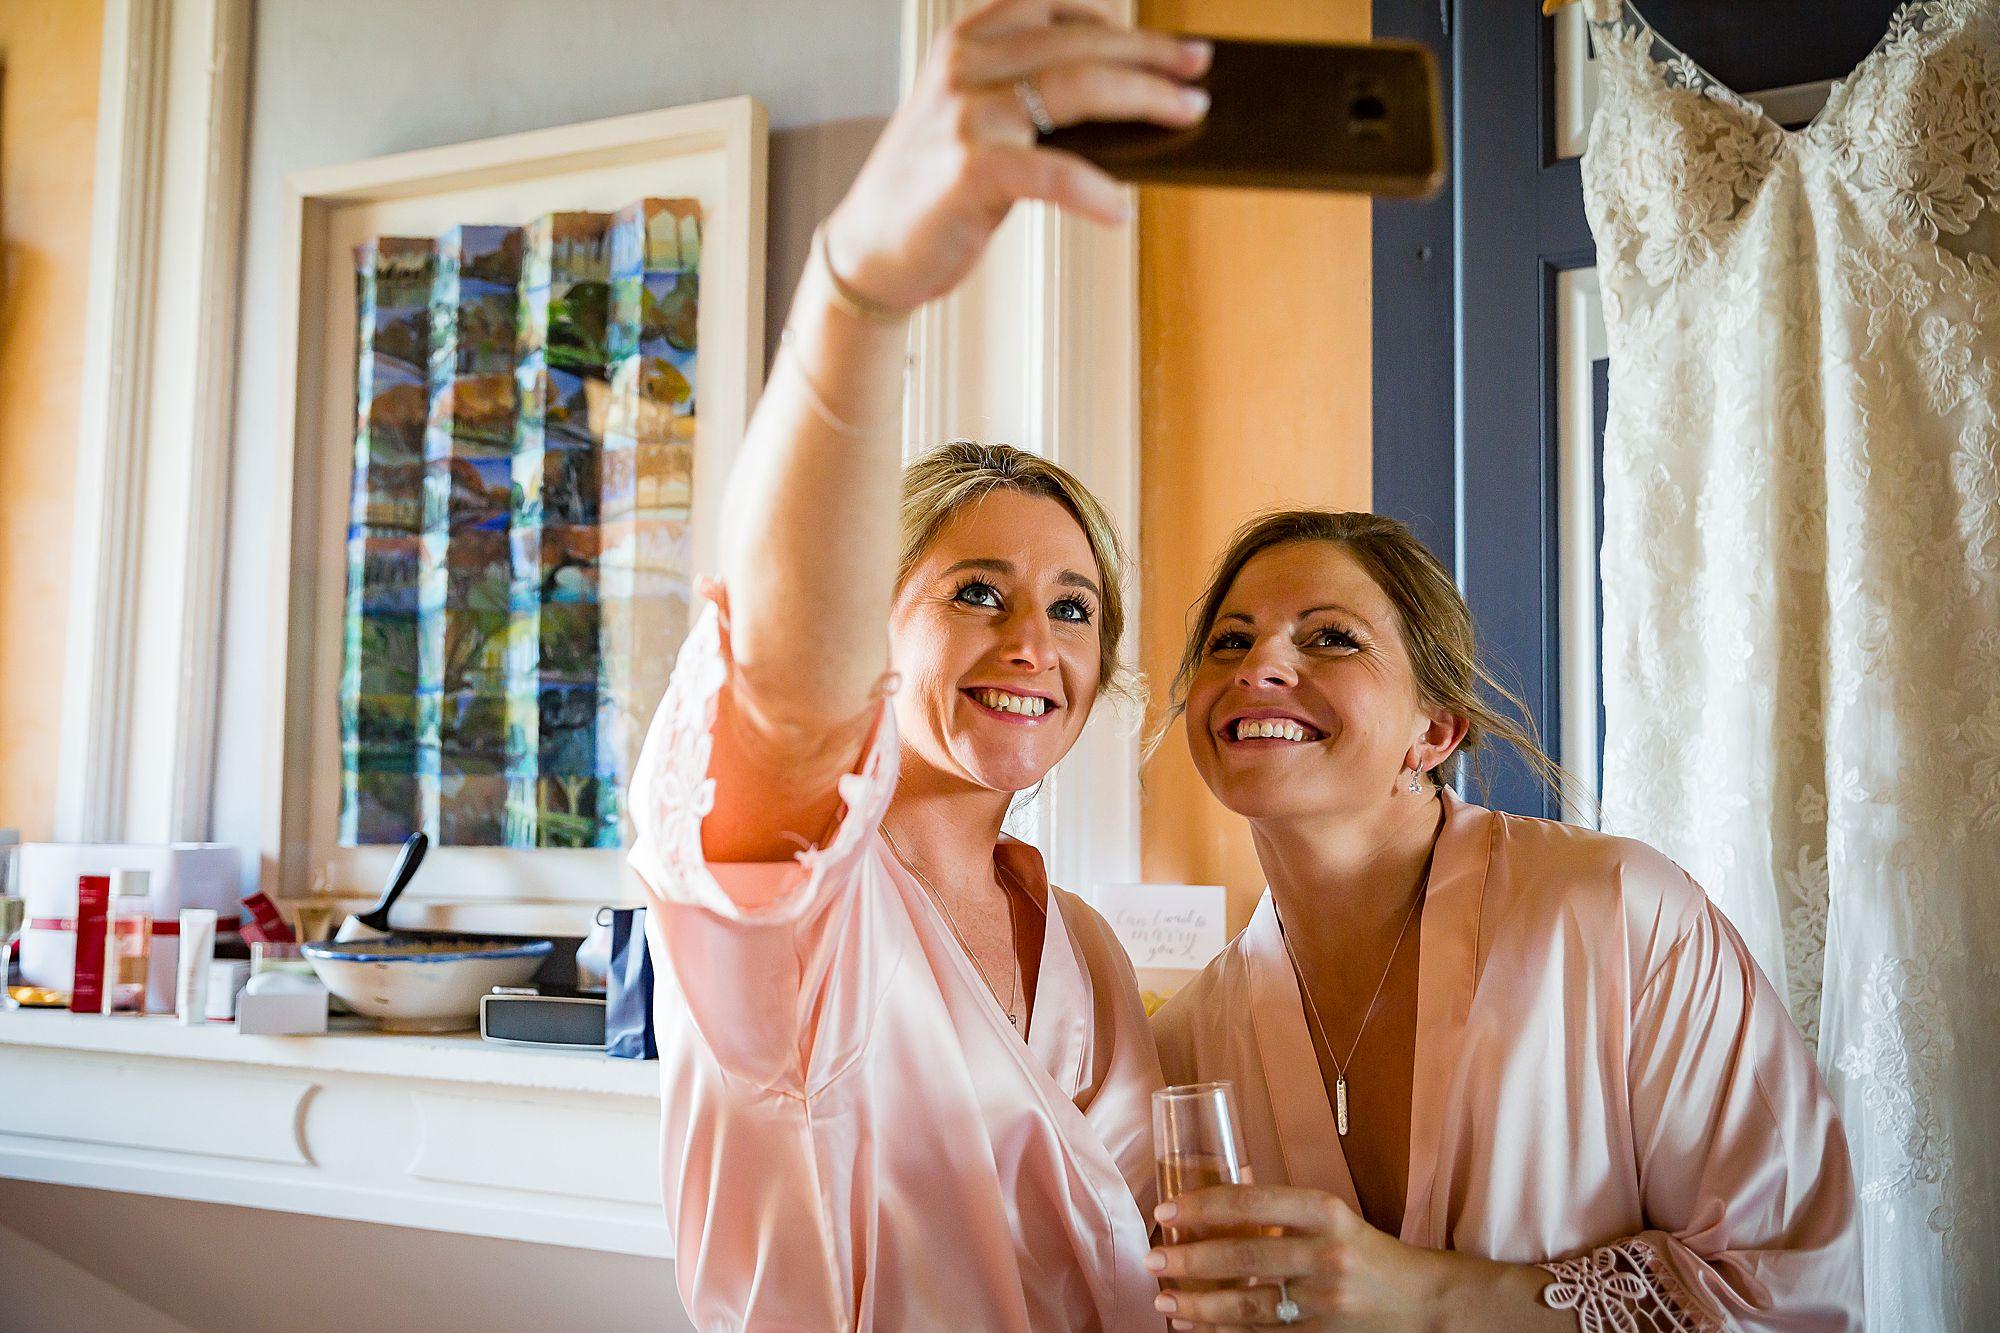 girls take selfie